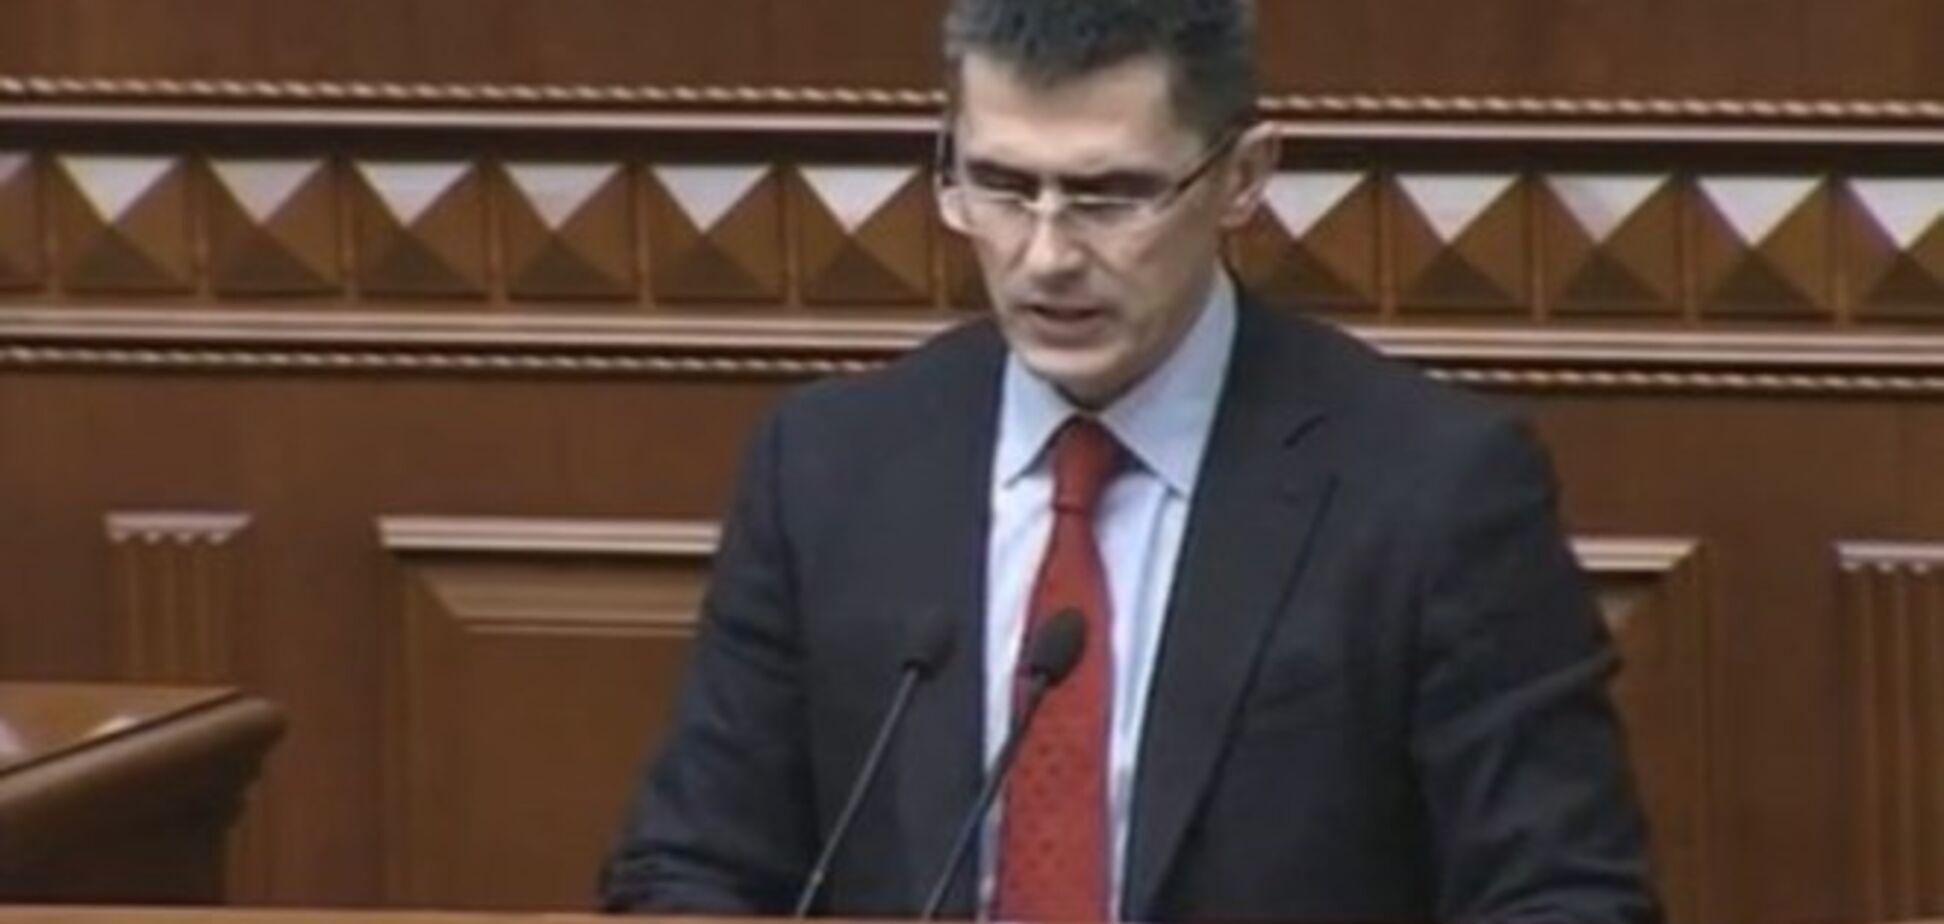 ГПУ розслідує створення Януковичем злочинної організації: схема угруповання